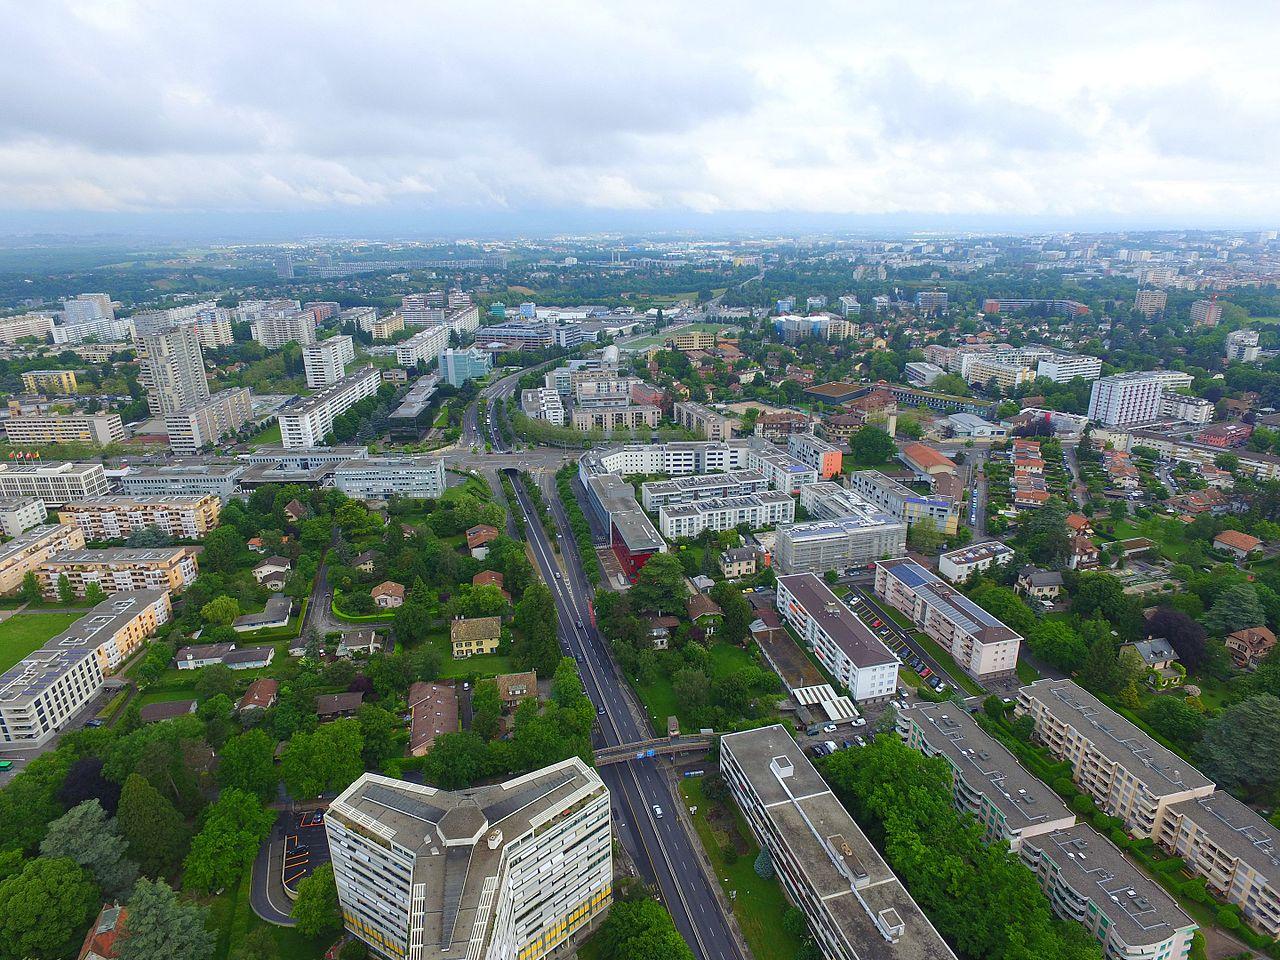 Etude et prix de l'immobilier à Lancy en 2020